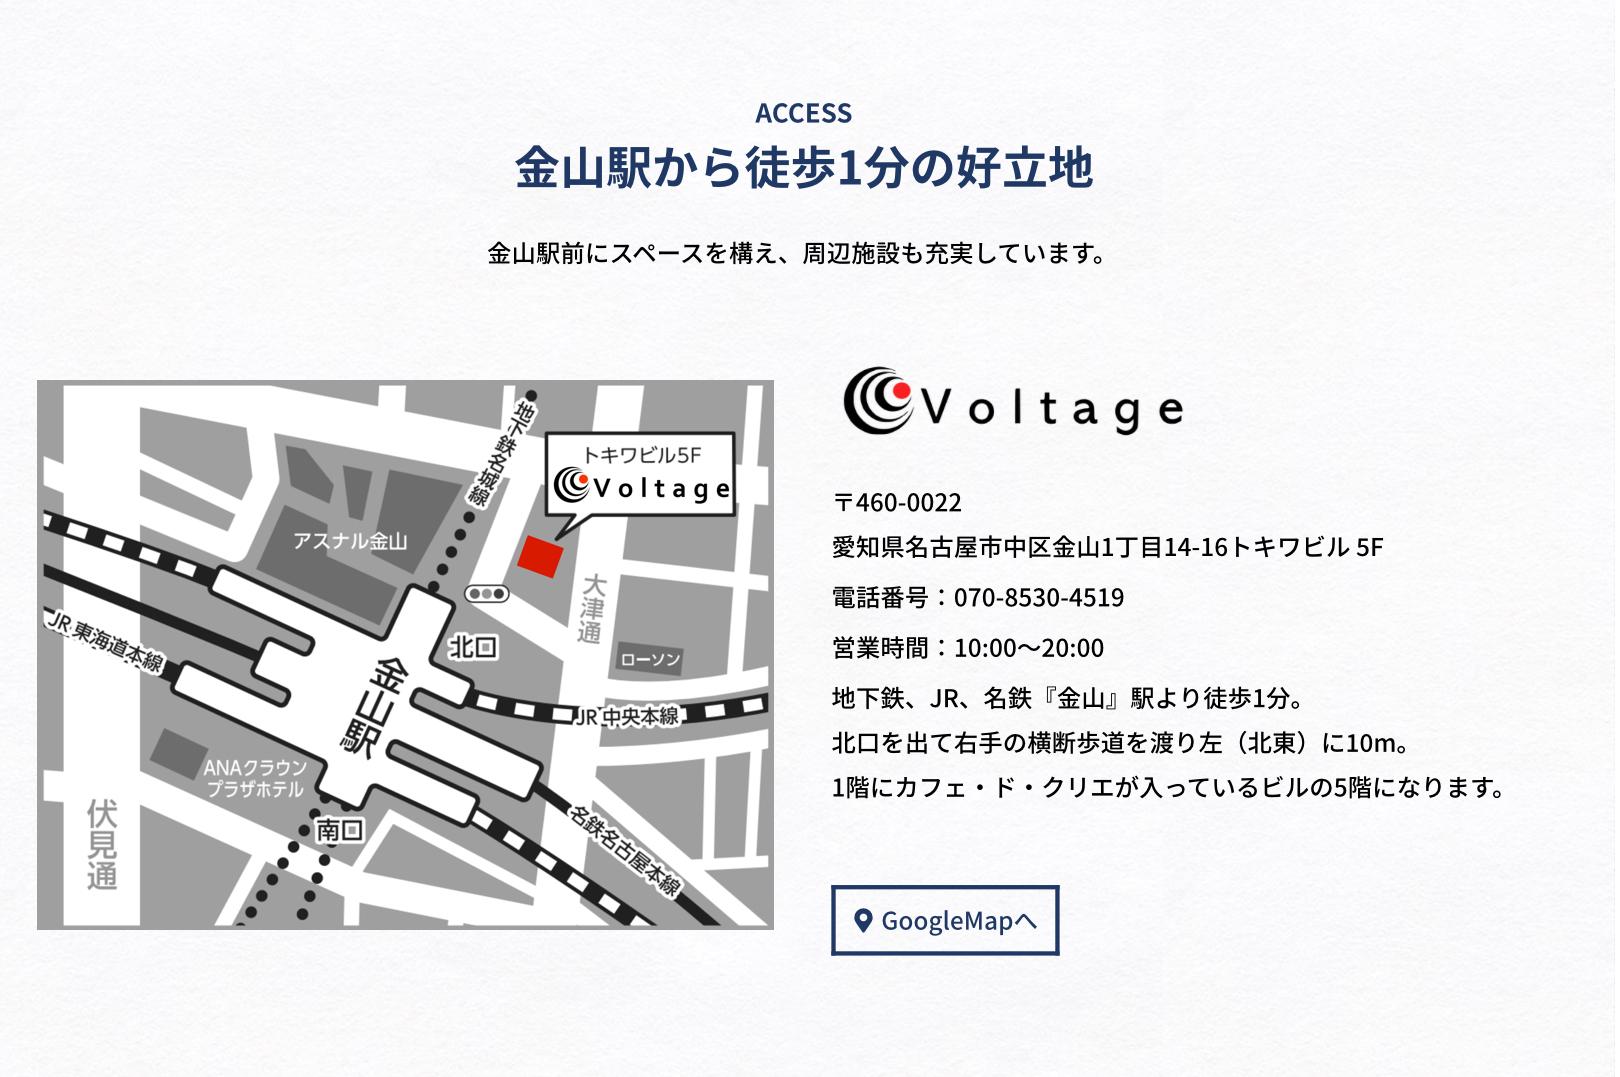 コワーキングスペースVoltage名古屋